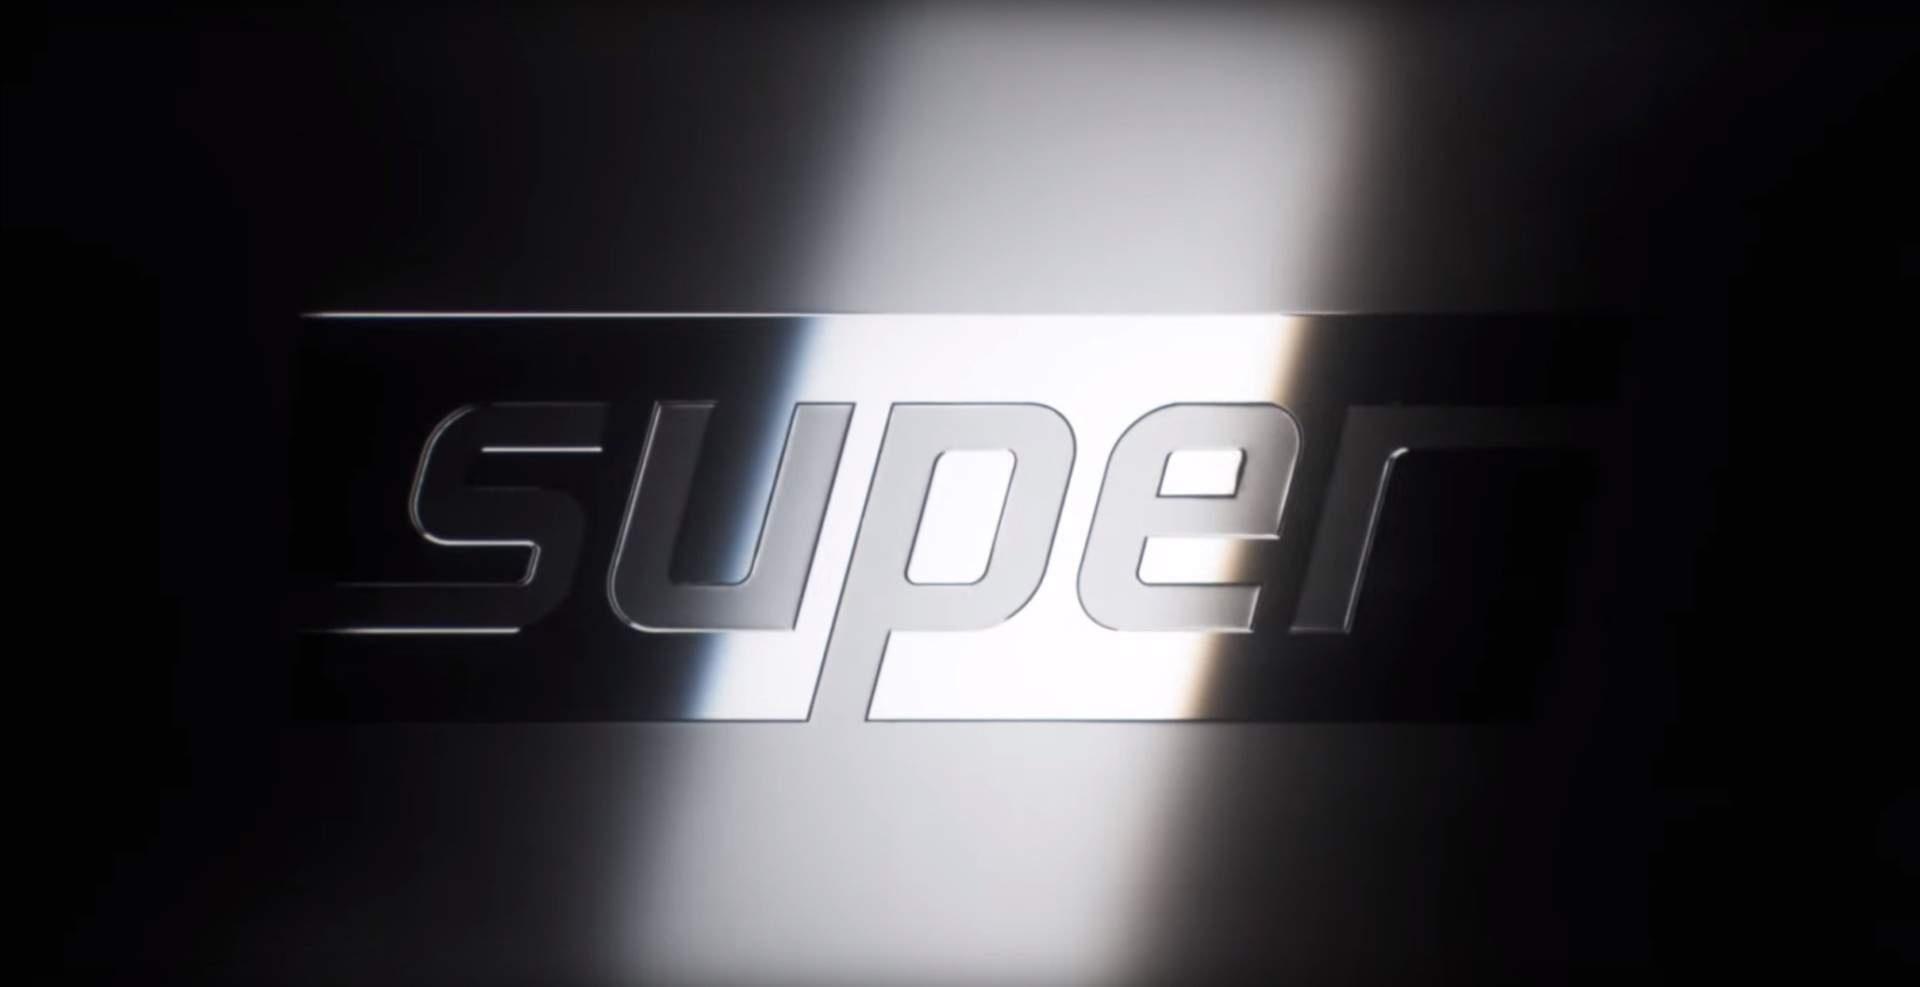 У NVIDIA пока нет планов по выпуску GeForce RTX 2080 Ti SUPER